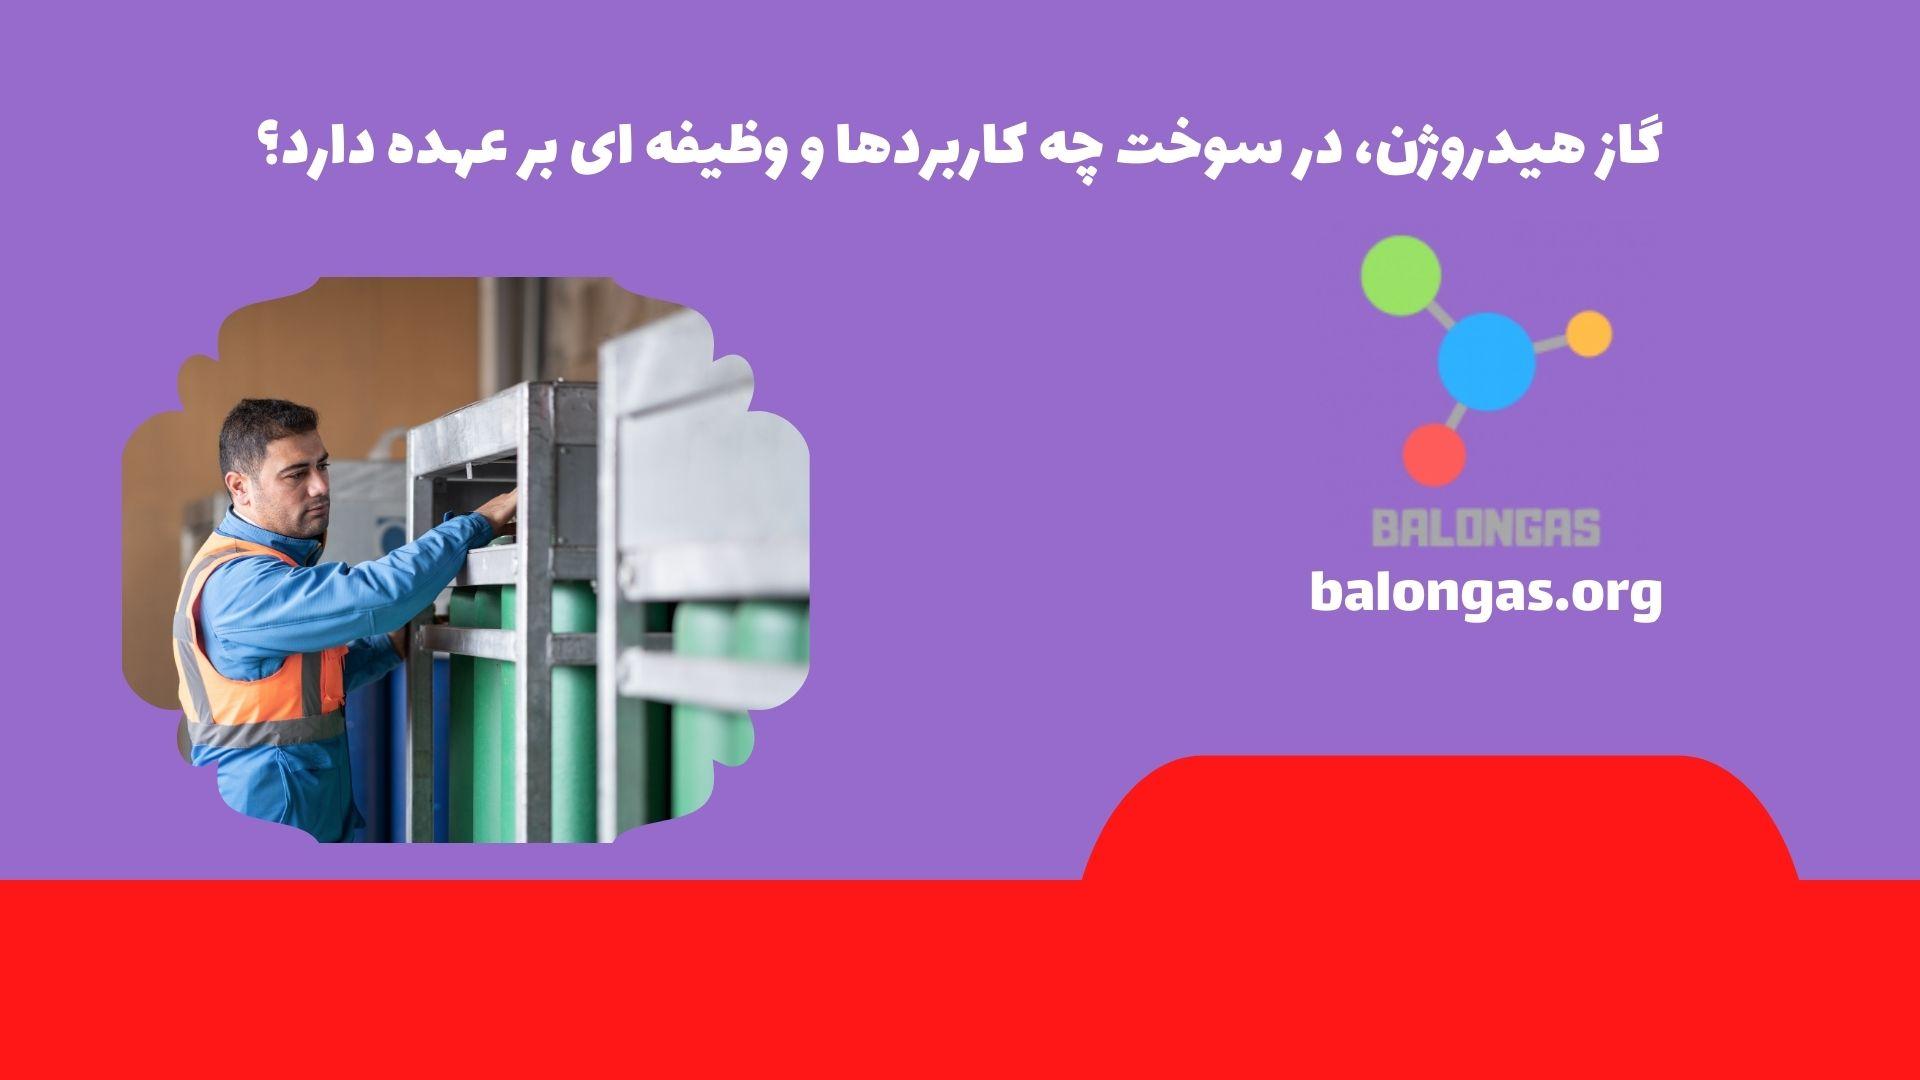 گاز هیدروژن، در سوخت چه کاربردها و وظیفه ای بر عهده دارد؟